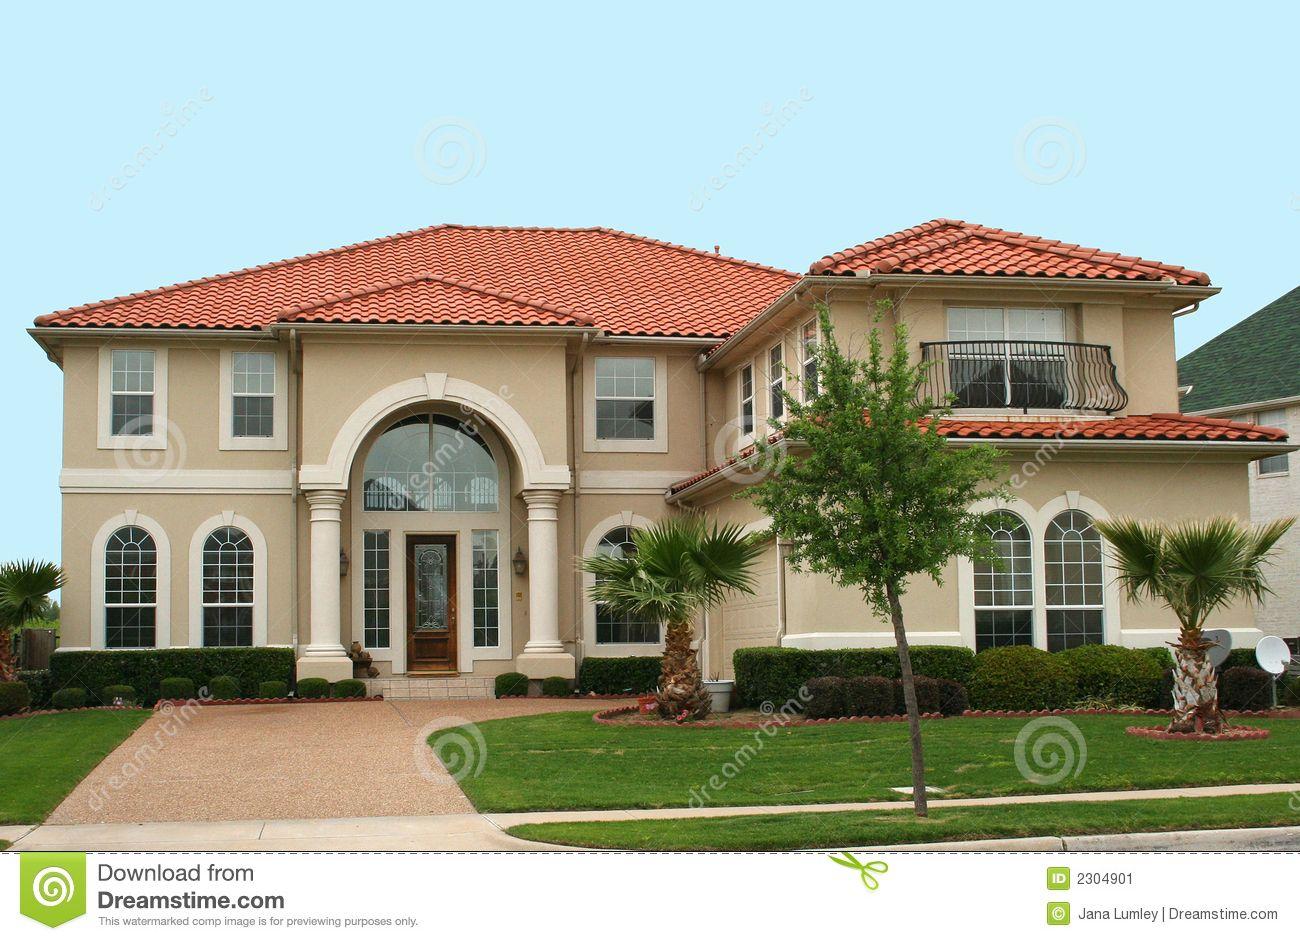 Mediterranean Style Home 2304901 Jpg 1300 941 Mediterranean Homes Exterior Spanish Style Homes Mediterranean Homes